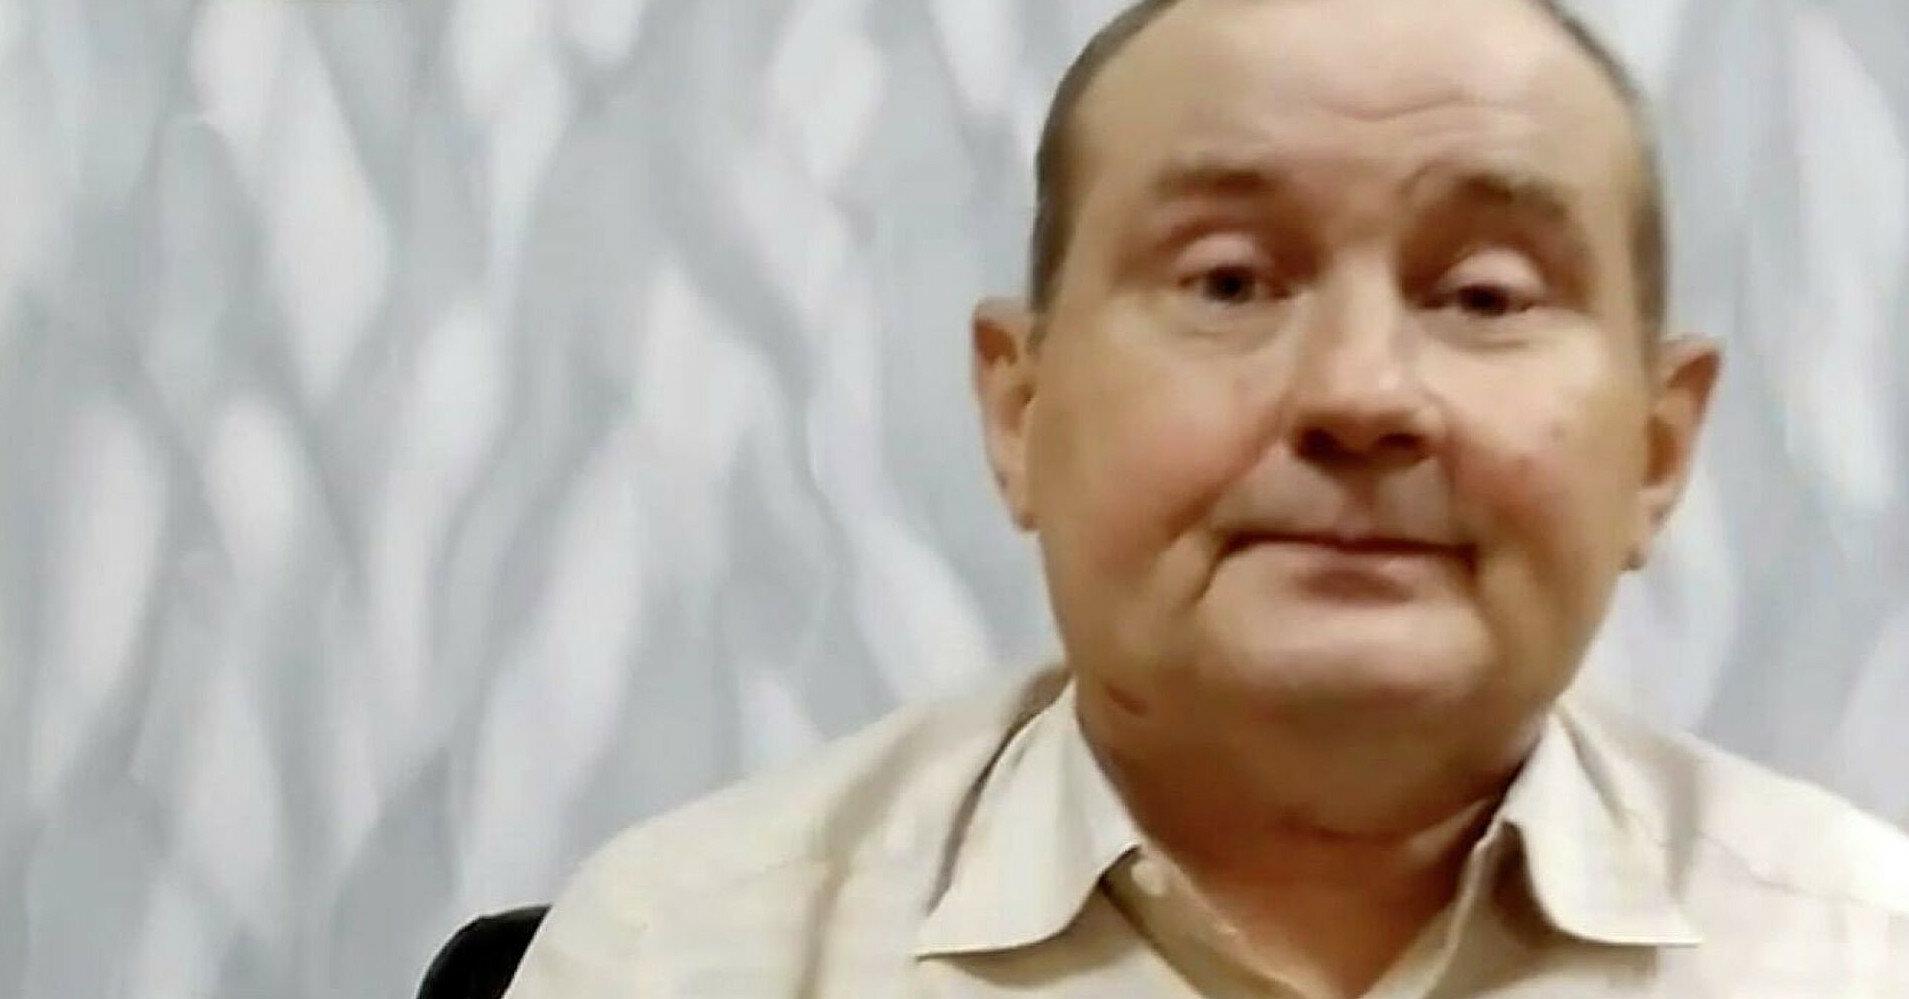 Власти Северодонецка заявили, что не удерживают судью Чауса